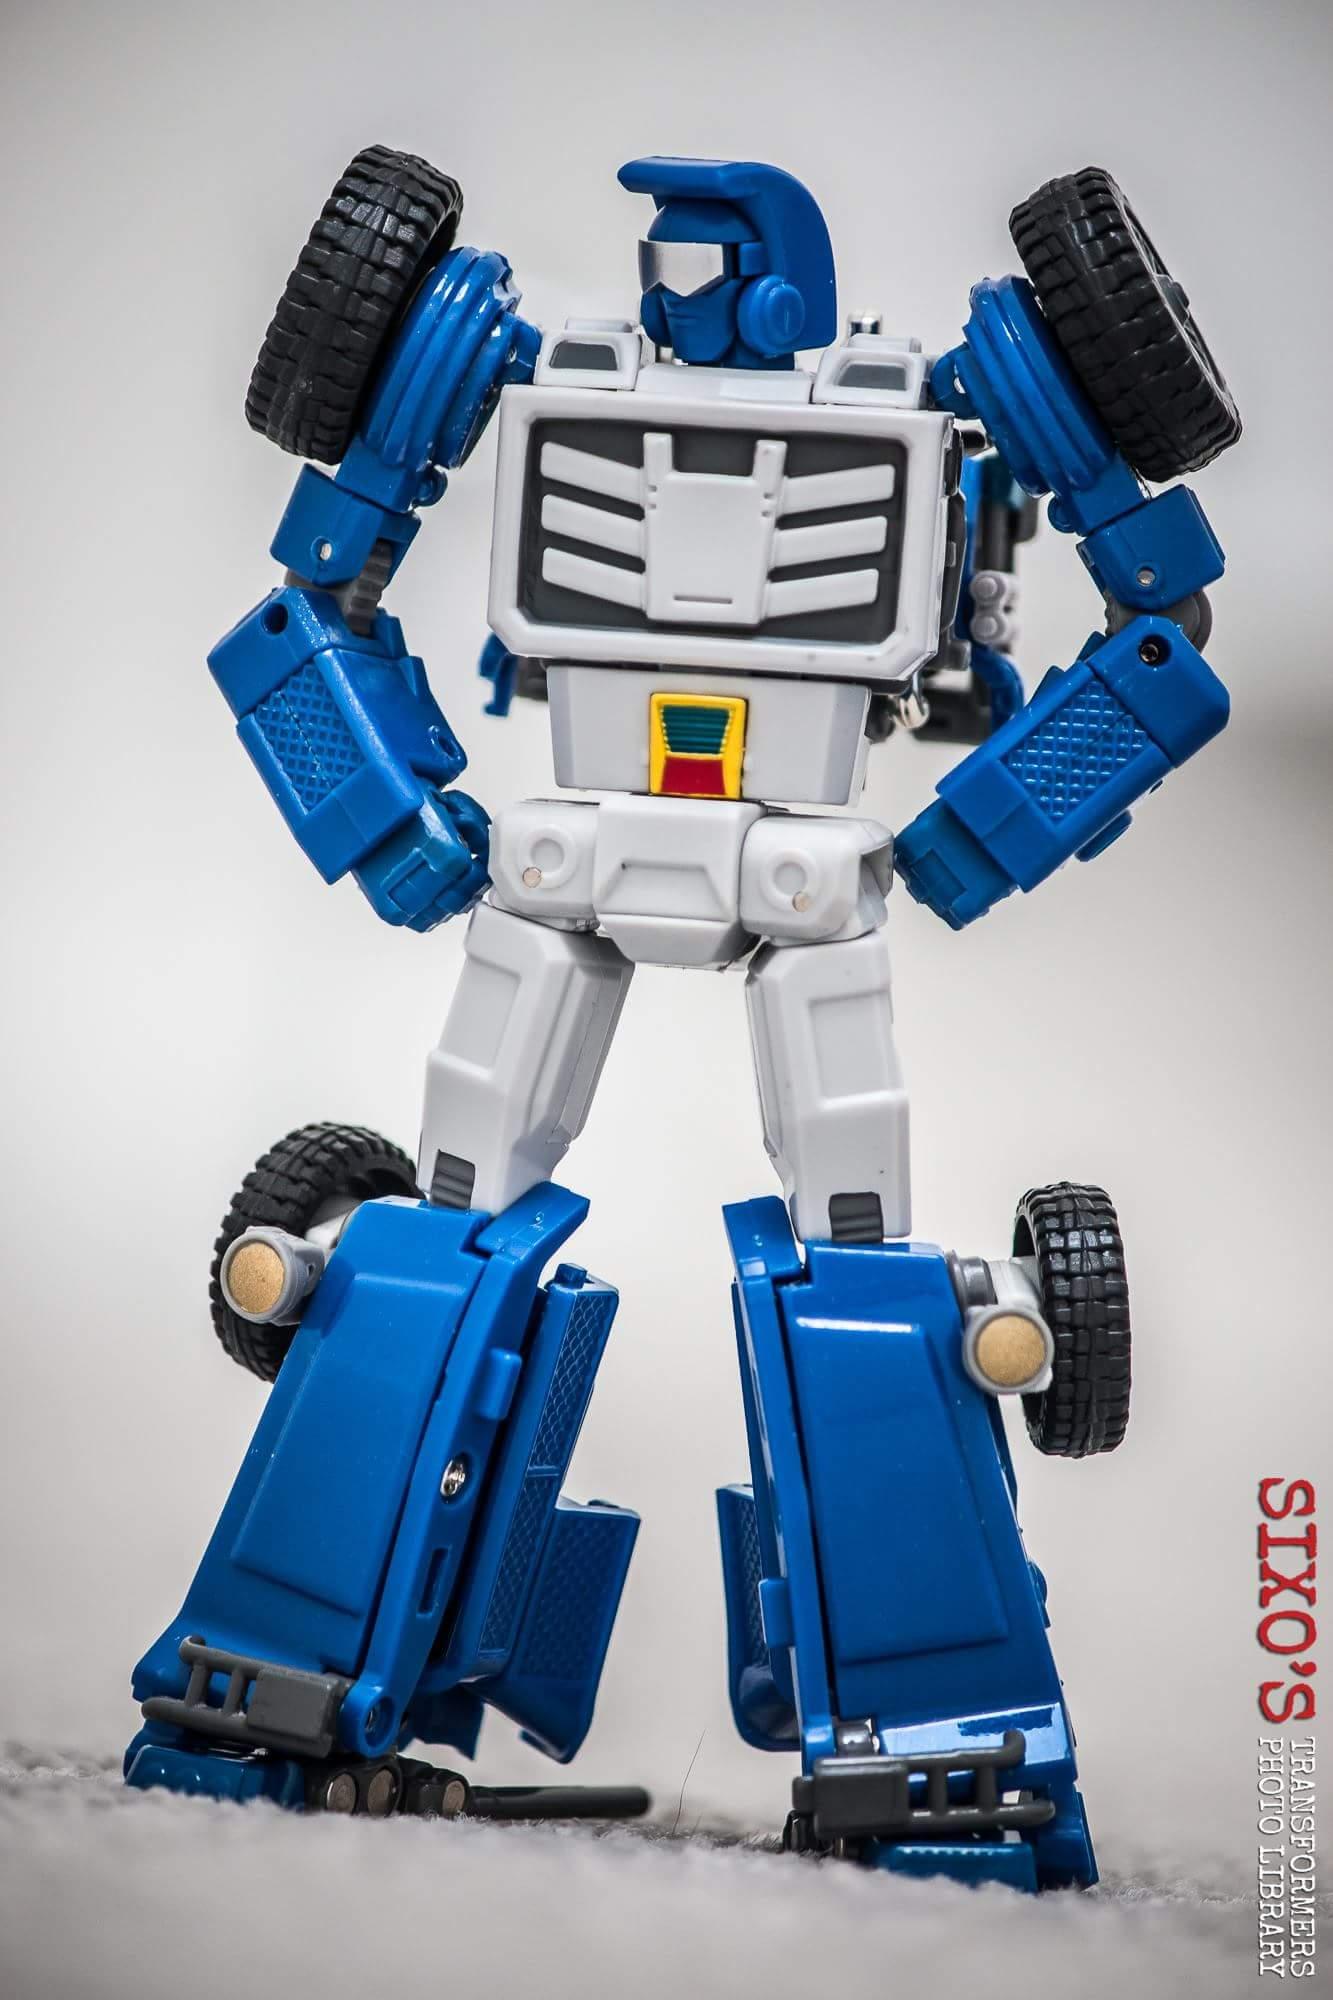 [X-Transbots] Produit Tiers - Minibots MP - Gamme MM - Page 6 G2cQJen0